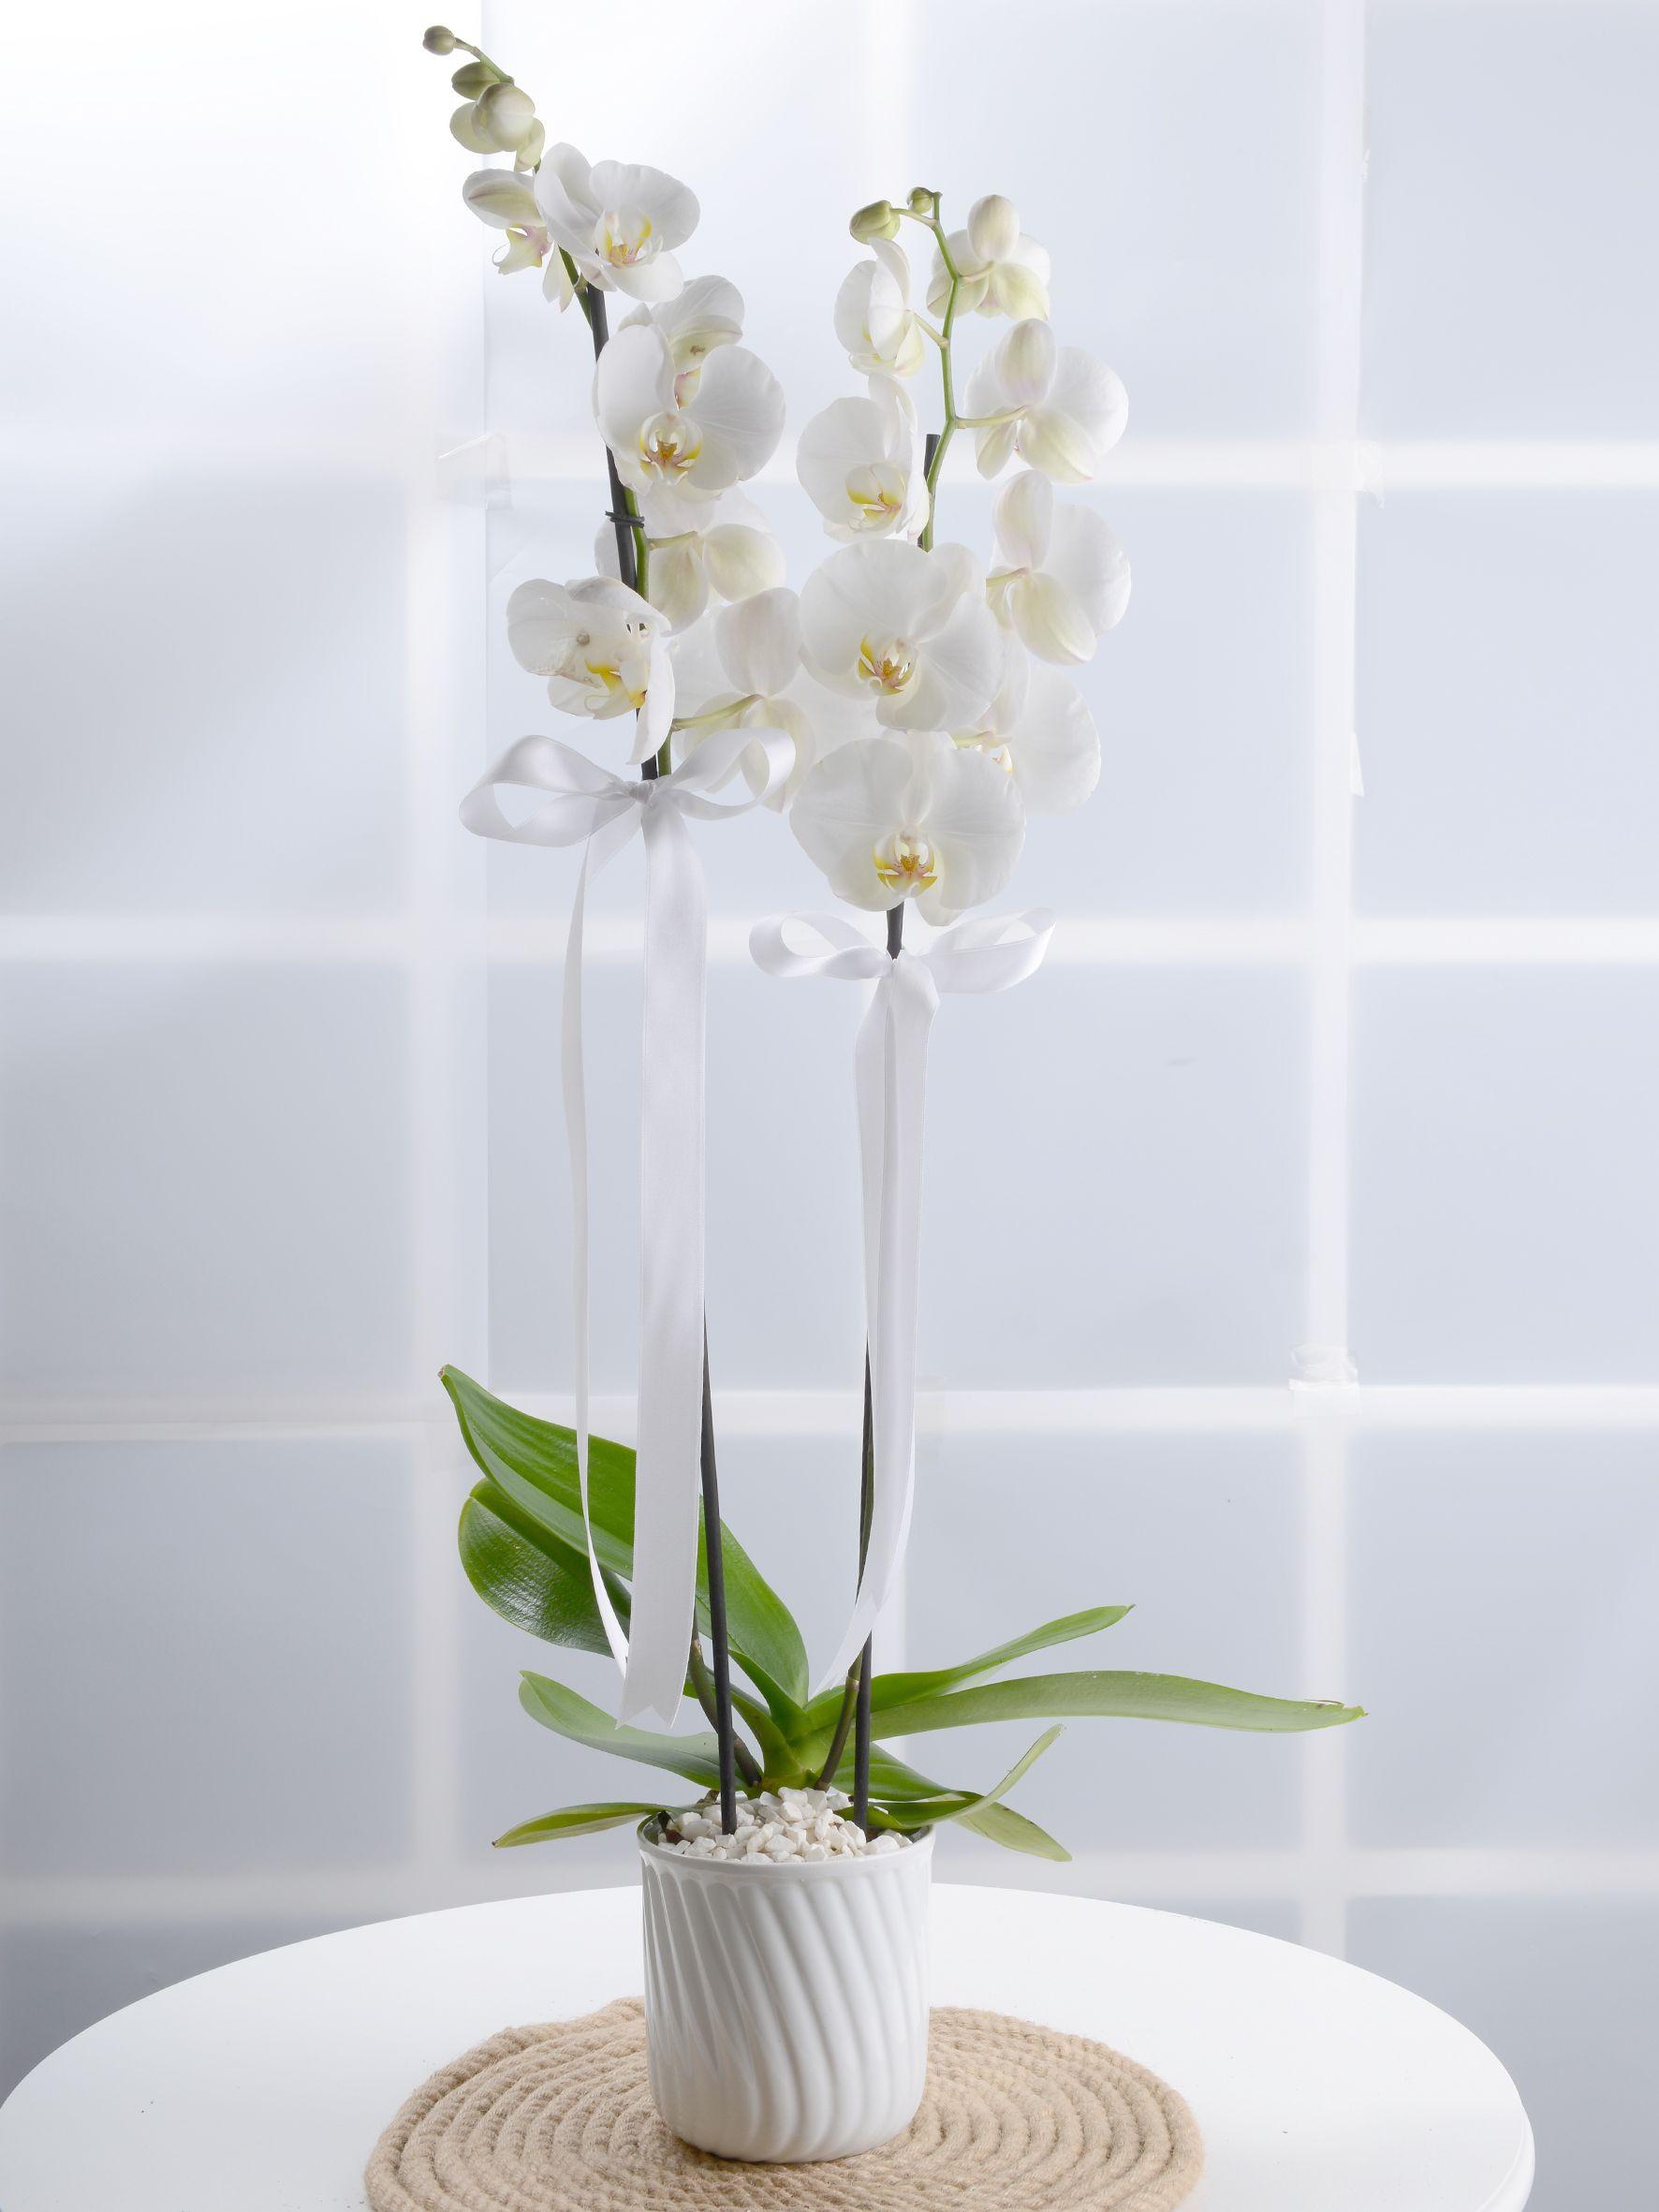 Masumiyet Timsali Beyaz Orkide.  çiçek gönder